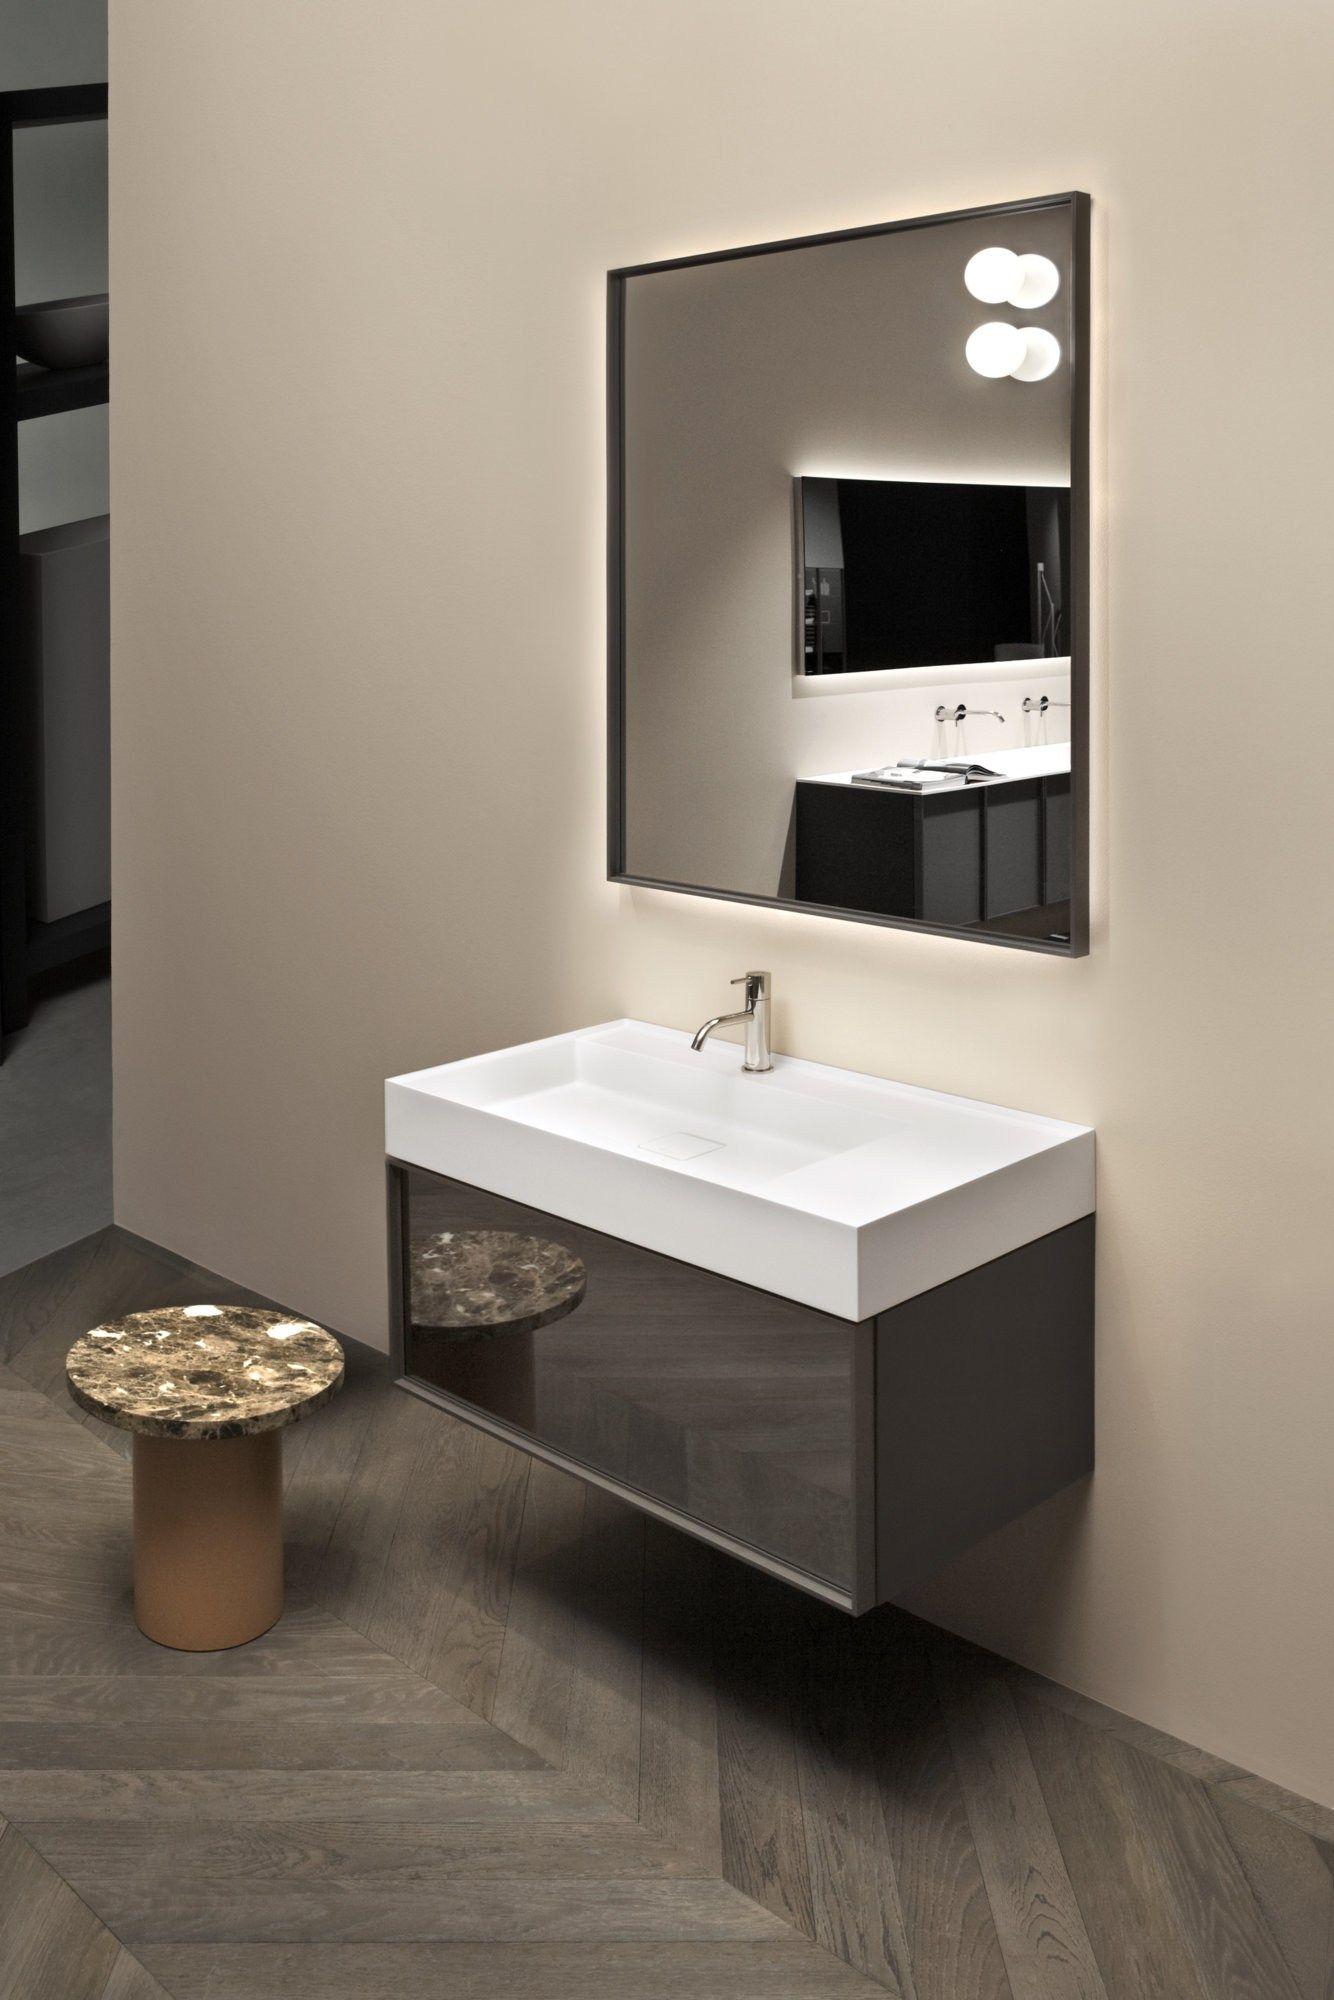 Graffio arredo bagno completo by antonio lupi design design mario ferrarini - Antonio lupi bagni outlet ...